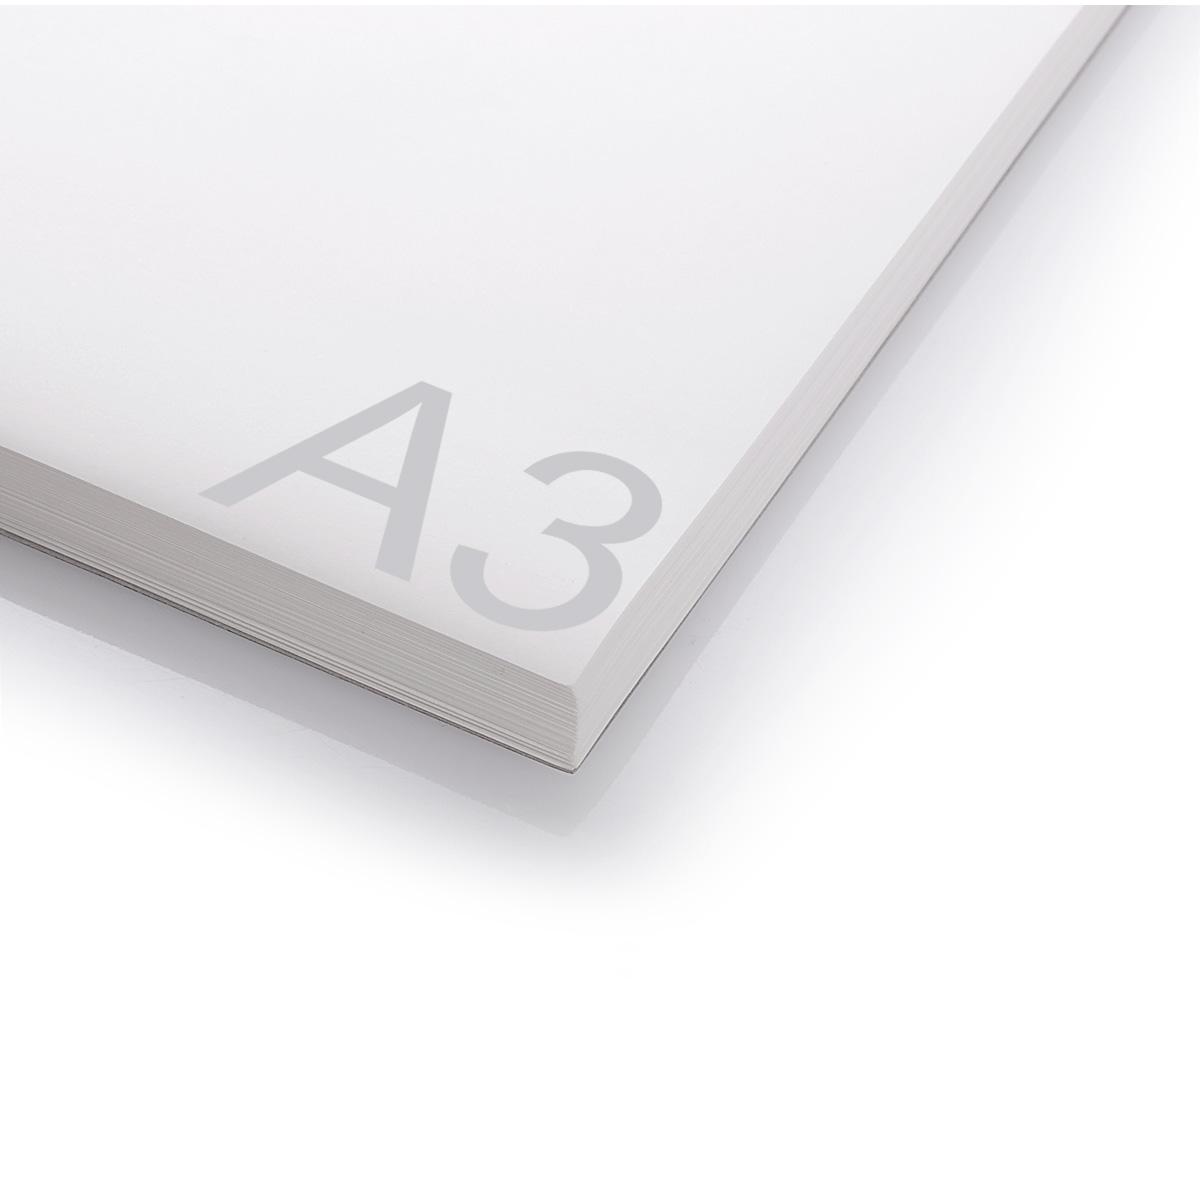 A3 Inkjet RC Fotopapier | PREMIUM | Glossy | 260G | 20 Blatt